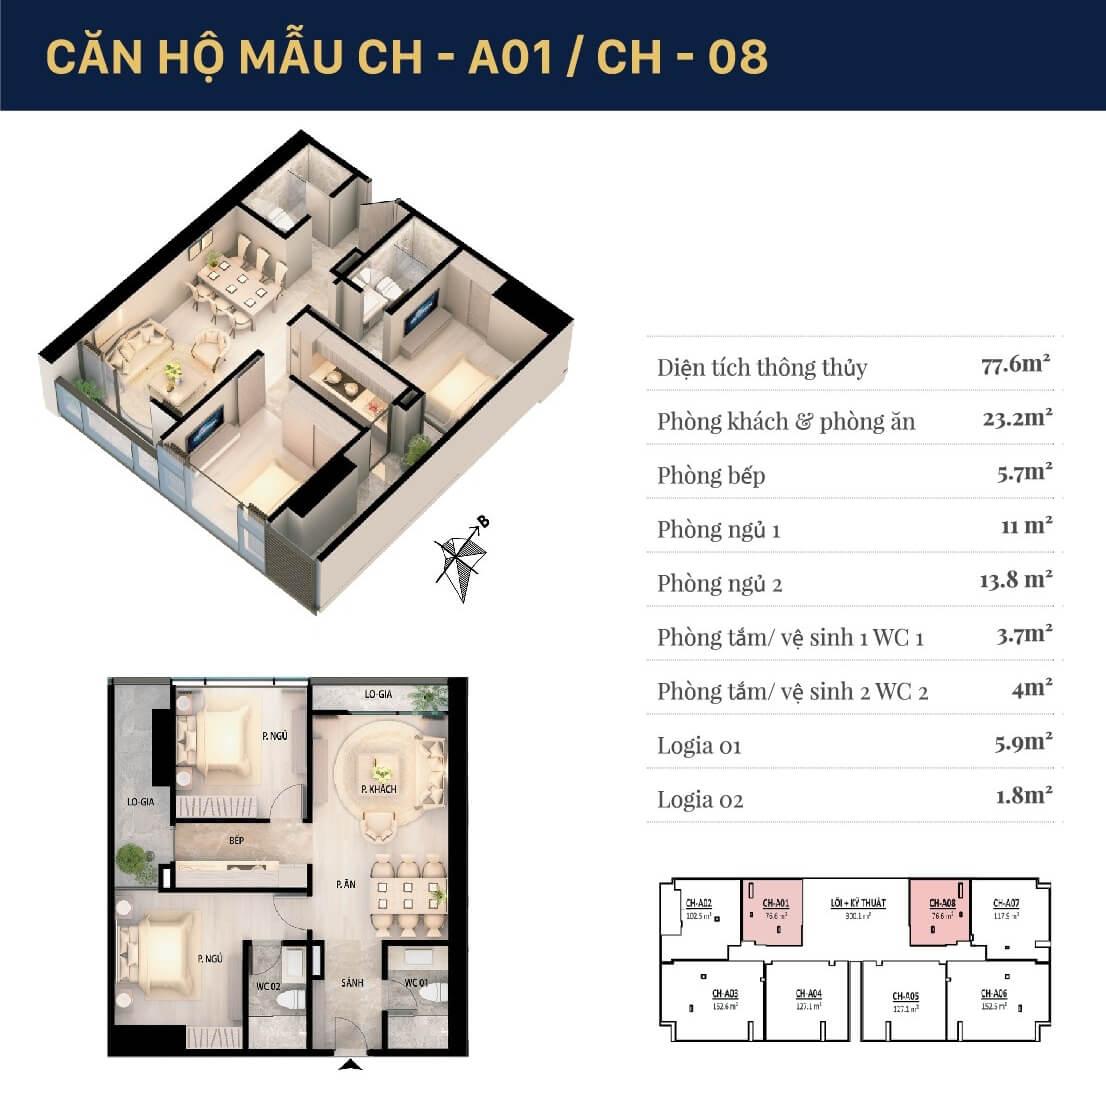 Chi tiết căn hộ 01 - 08 dự án Grandeur Palace